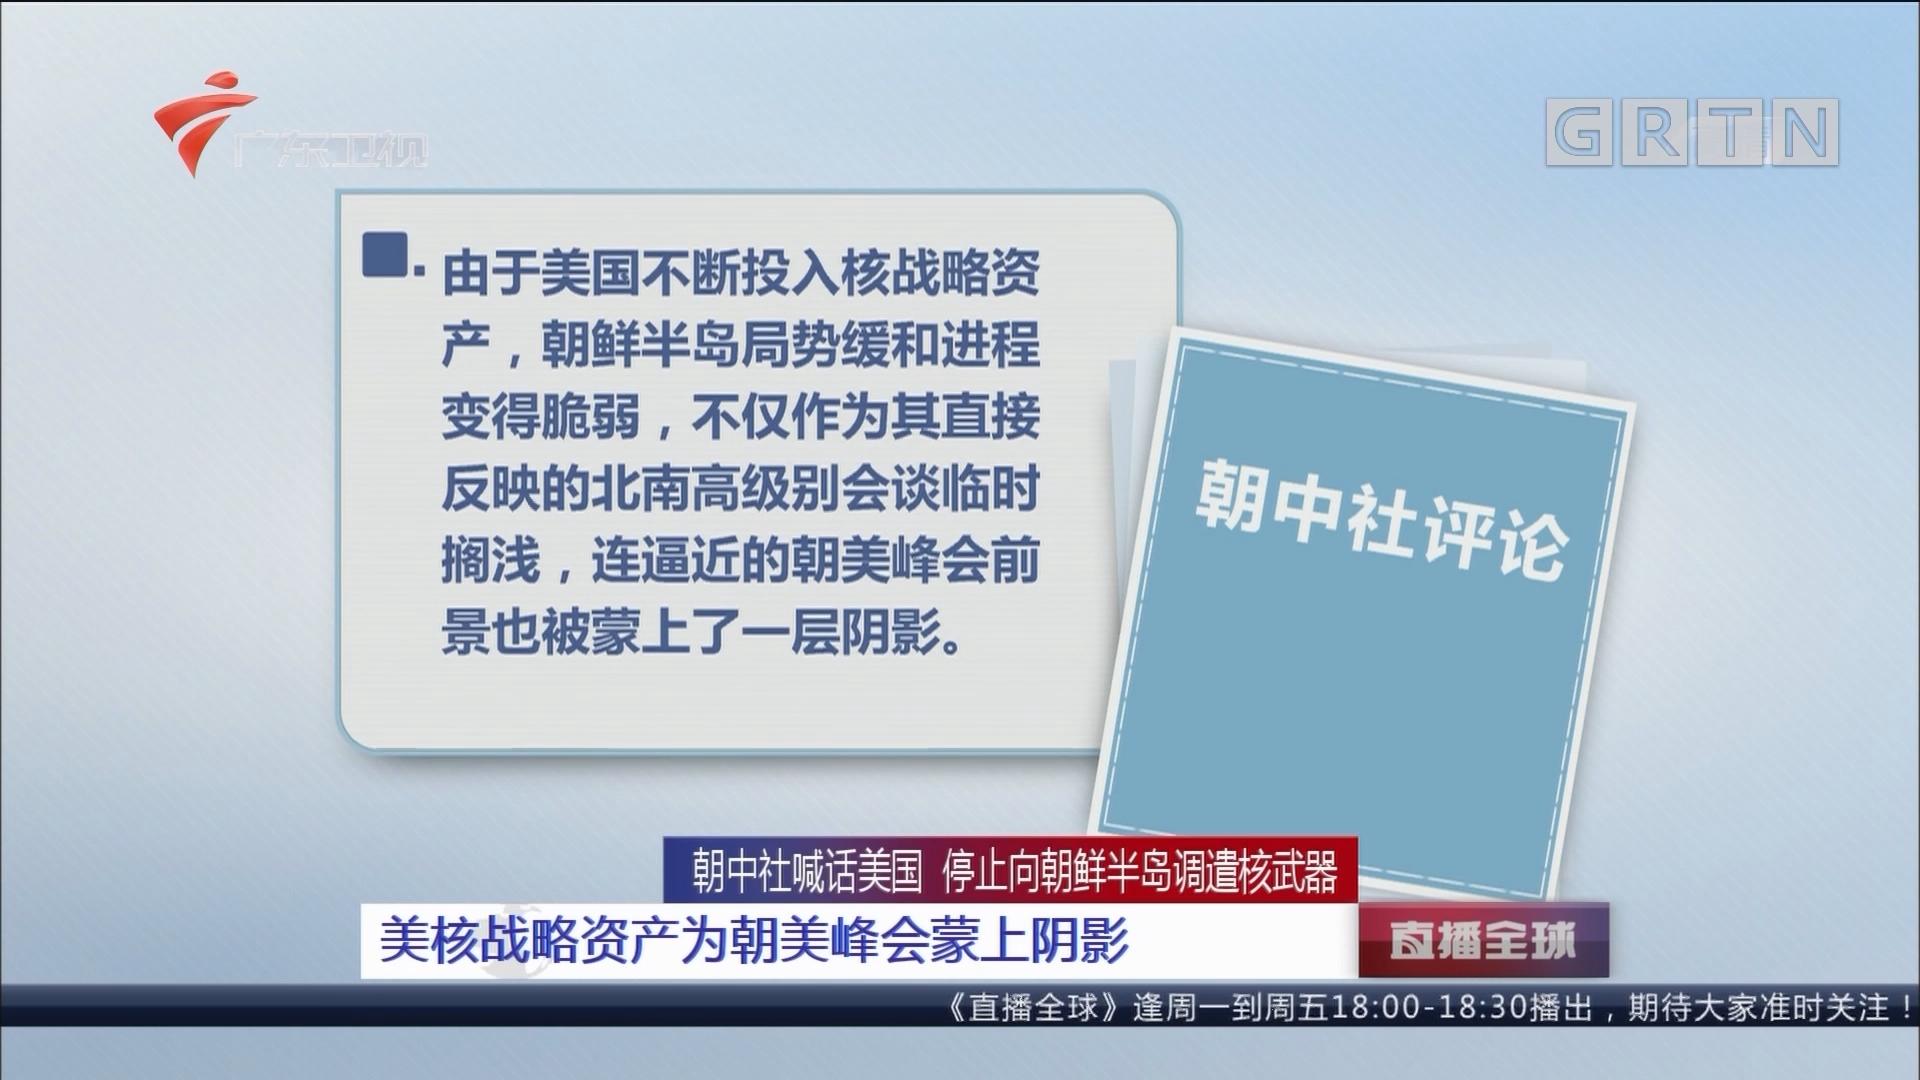 朝中社喊话美国 停止向朝鲜半岛调遣核武器:美核战略资产为朝美峰会蒙上阴影